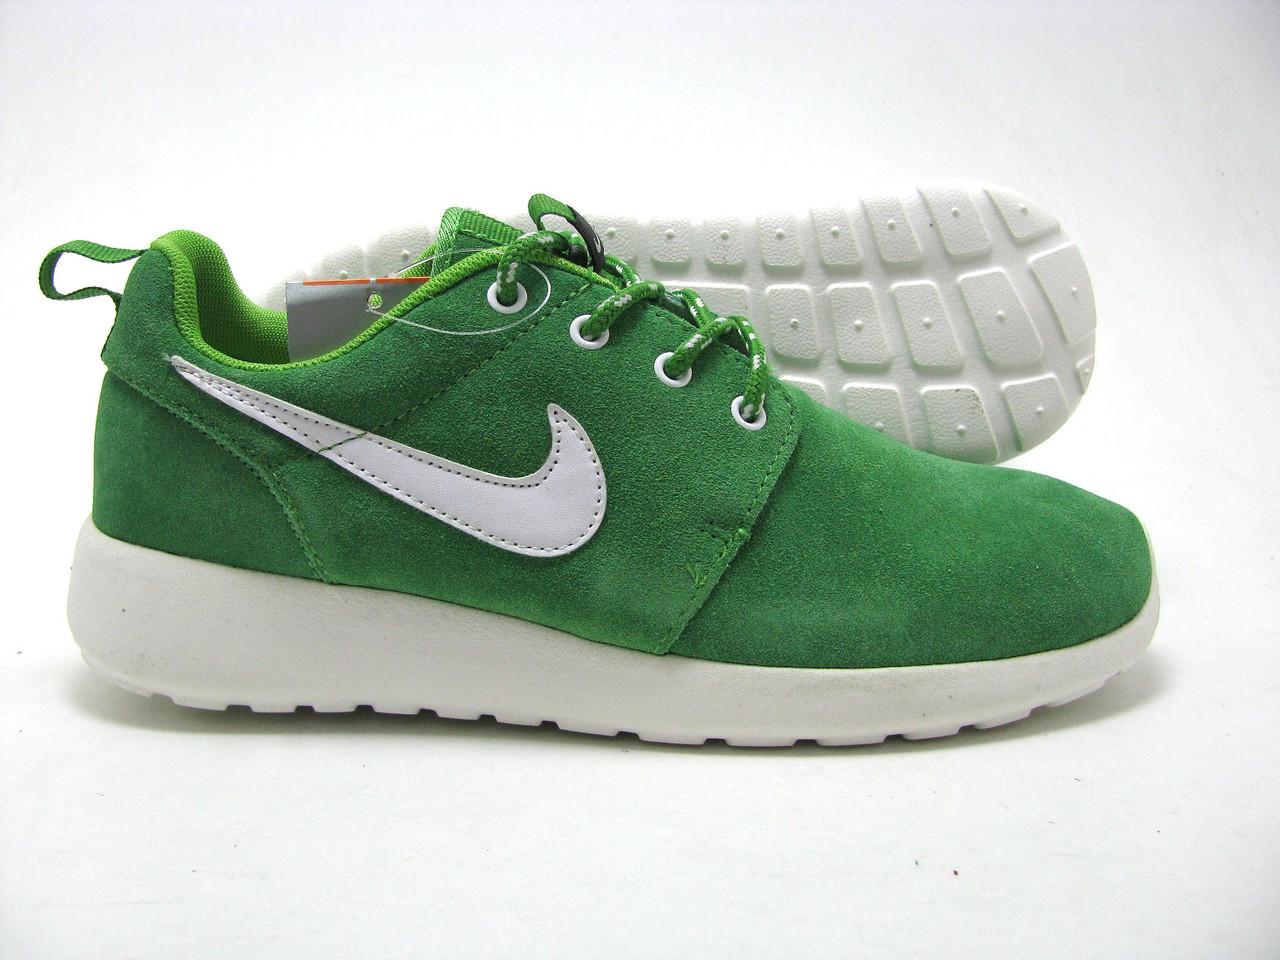 0619ca69 Мужские кроссовки Nike Roshe Run Suede замшевые зеленые 44 -  Интернет-магазин